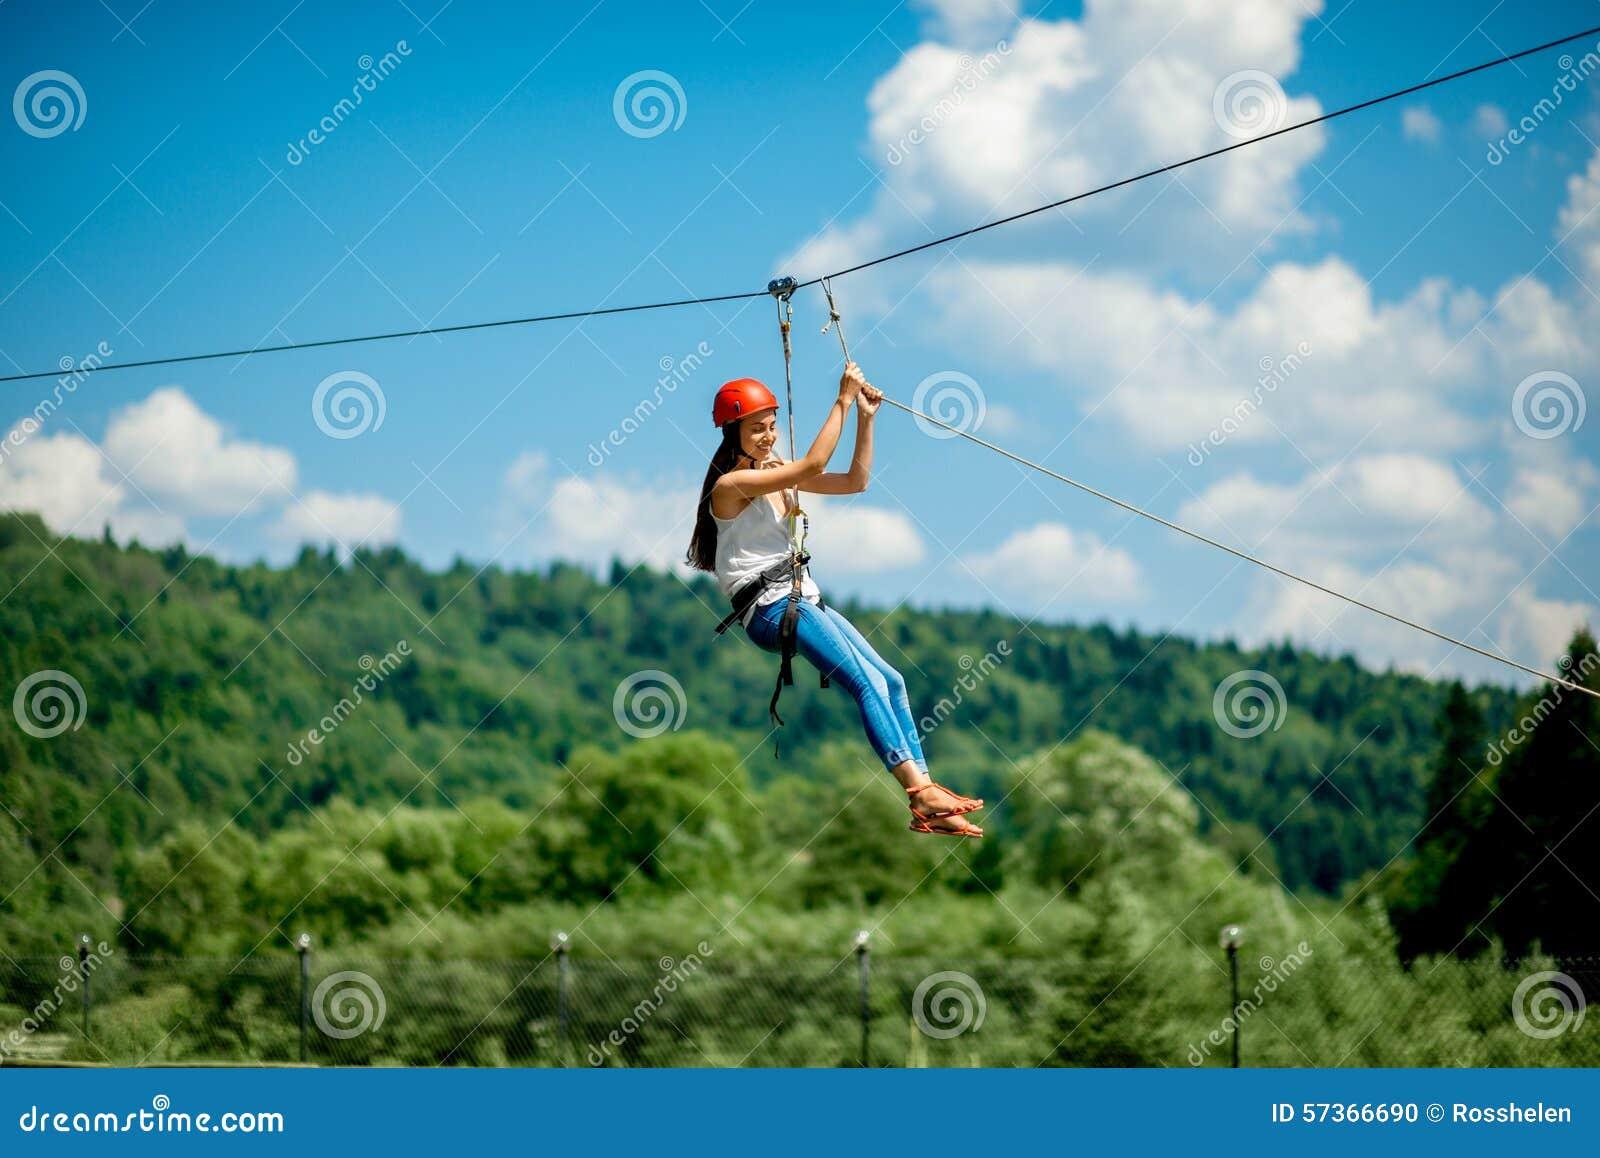 Fahren auf eine Ziplinie